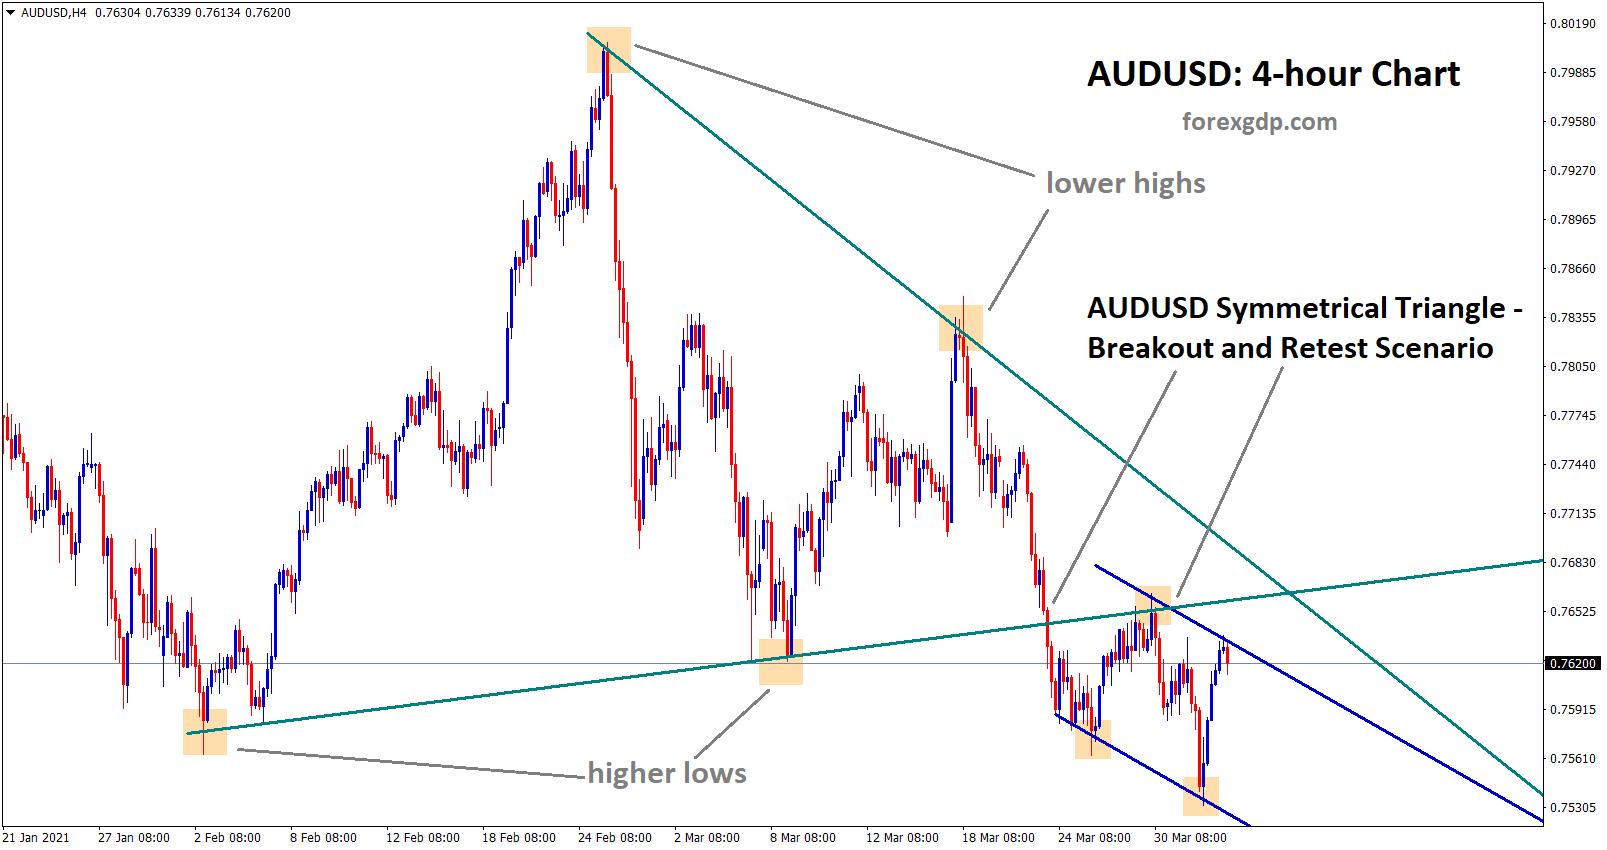 audusd breakout and retest scenario